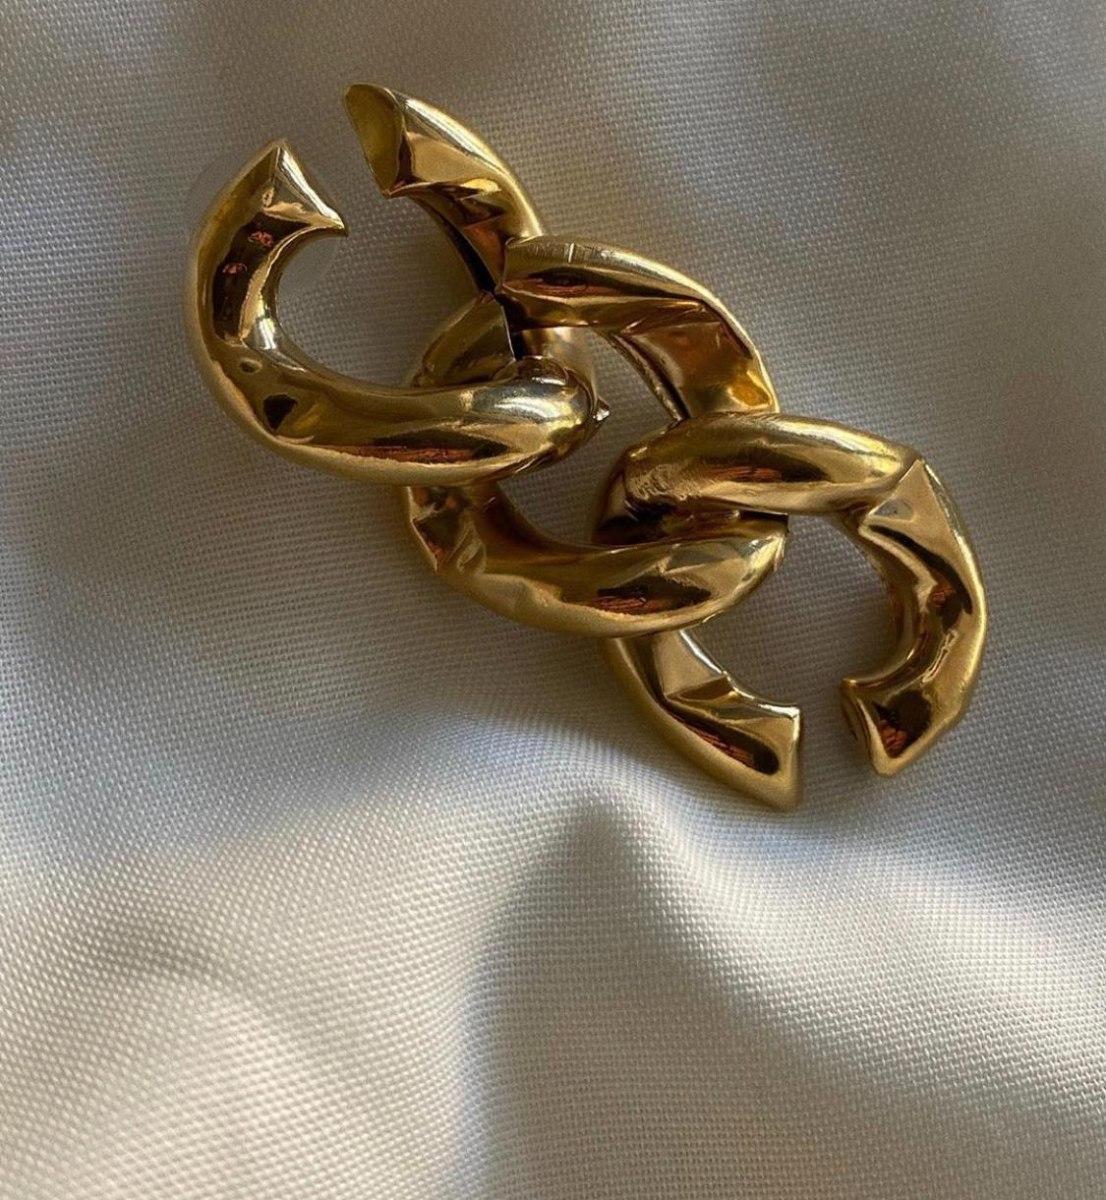 עגילי חוליה א-סימטרים זהב